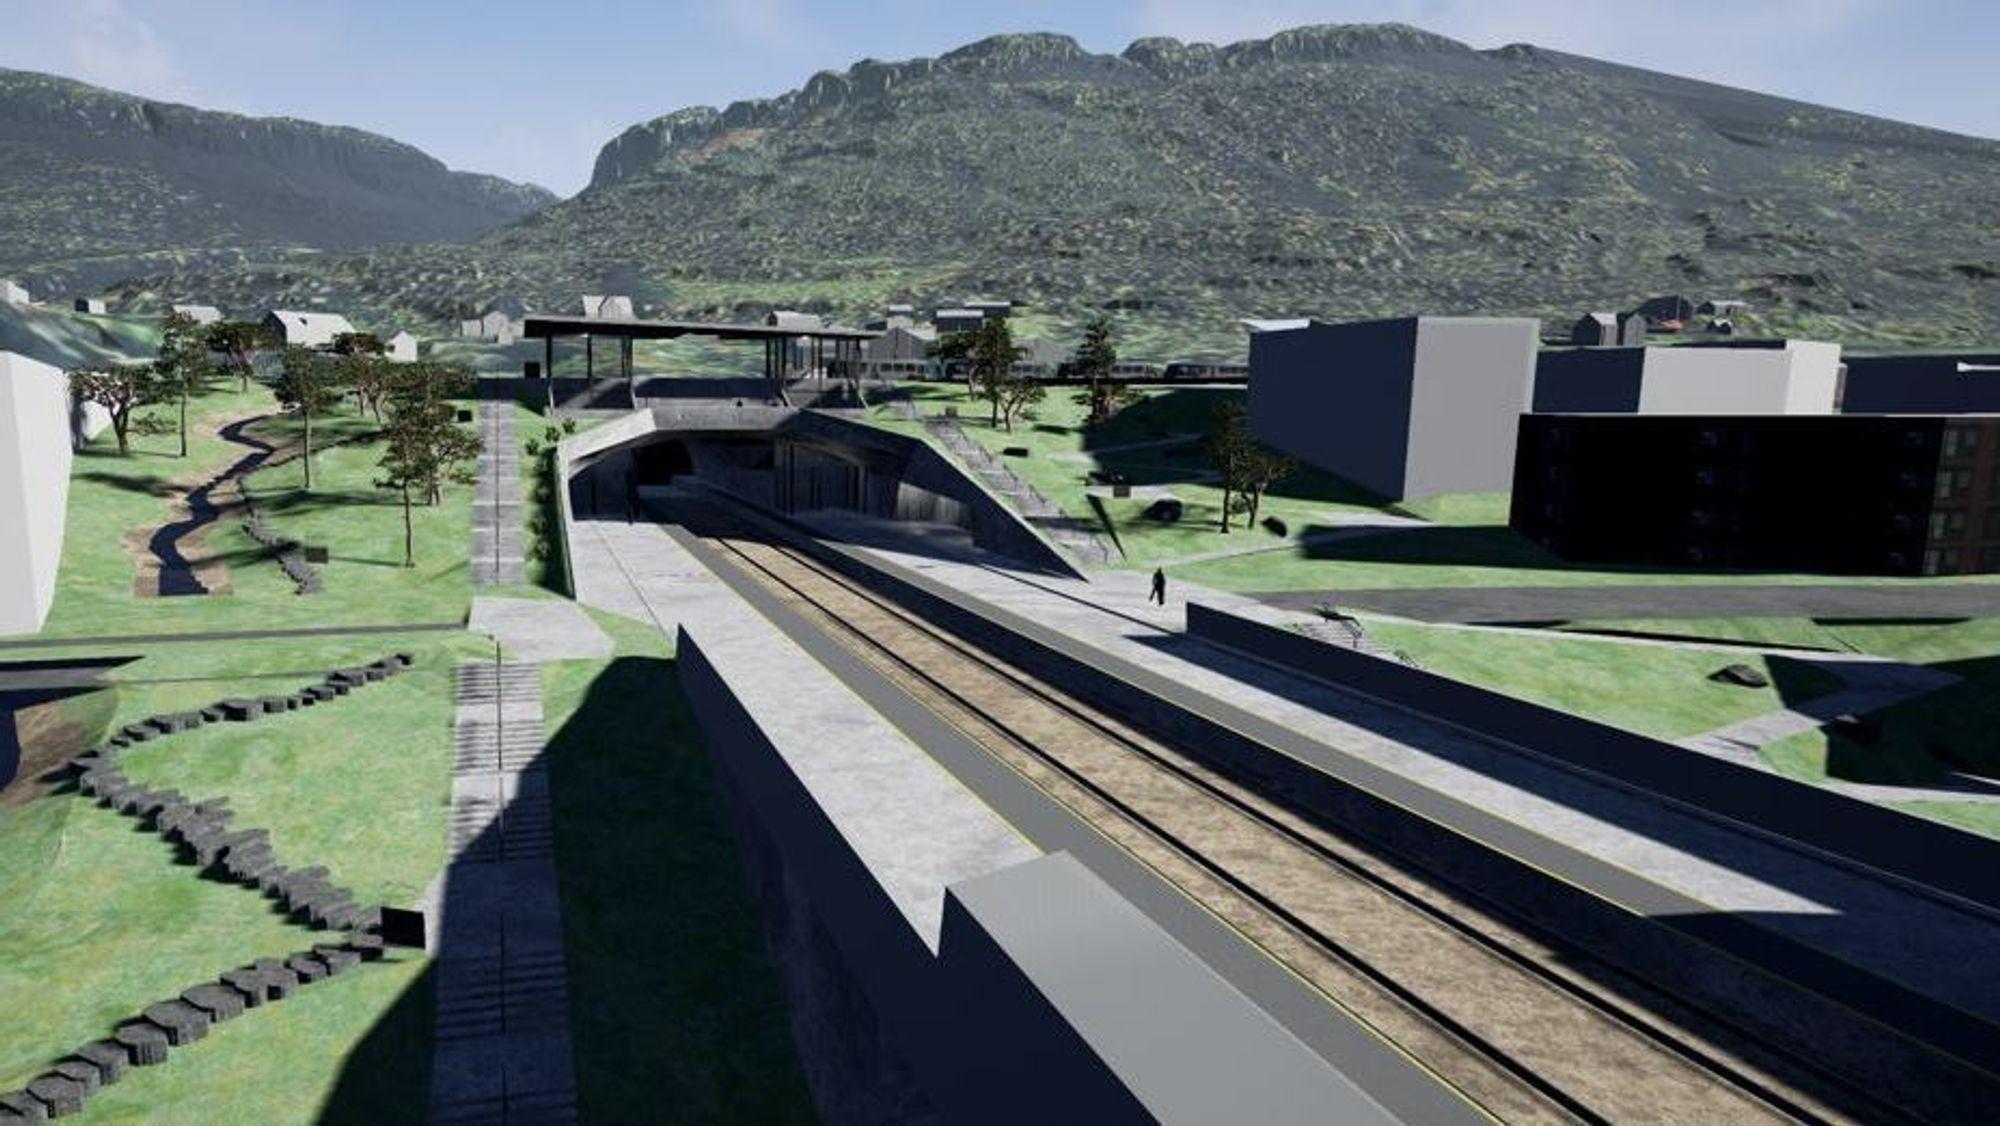 Bane Nor (tidligere Jernbaneverket) og Norconsult har opplevt svært positive tilbakemeldinger på folkemøtene der beboerne har fått se hvordan stasjonen og jernbanesporet vil se ut når det er ferdig.